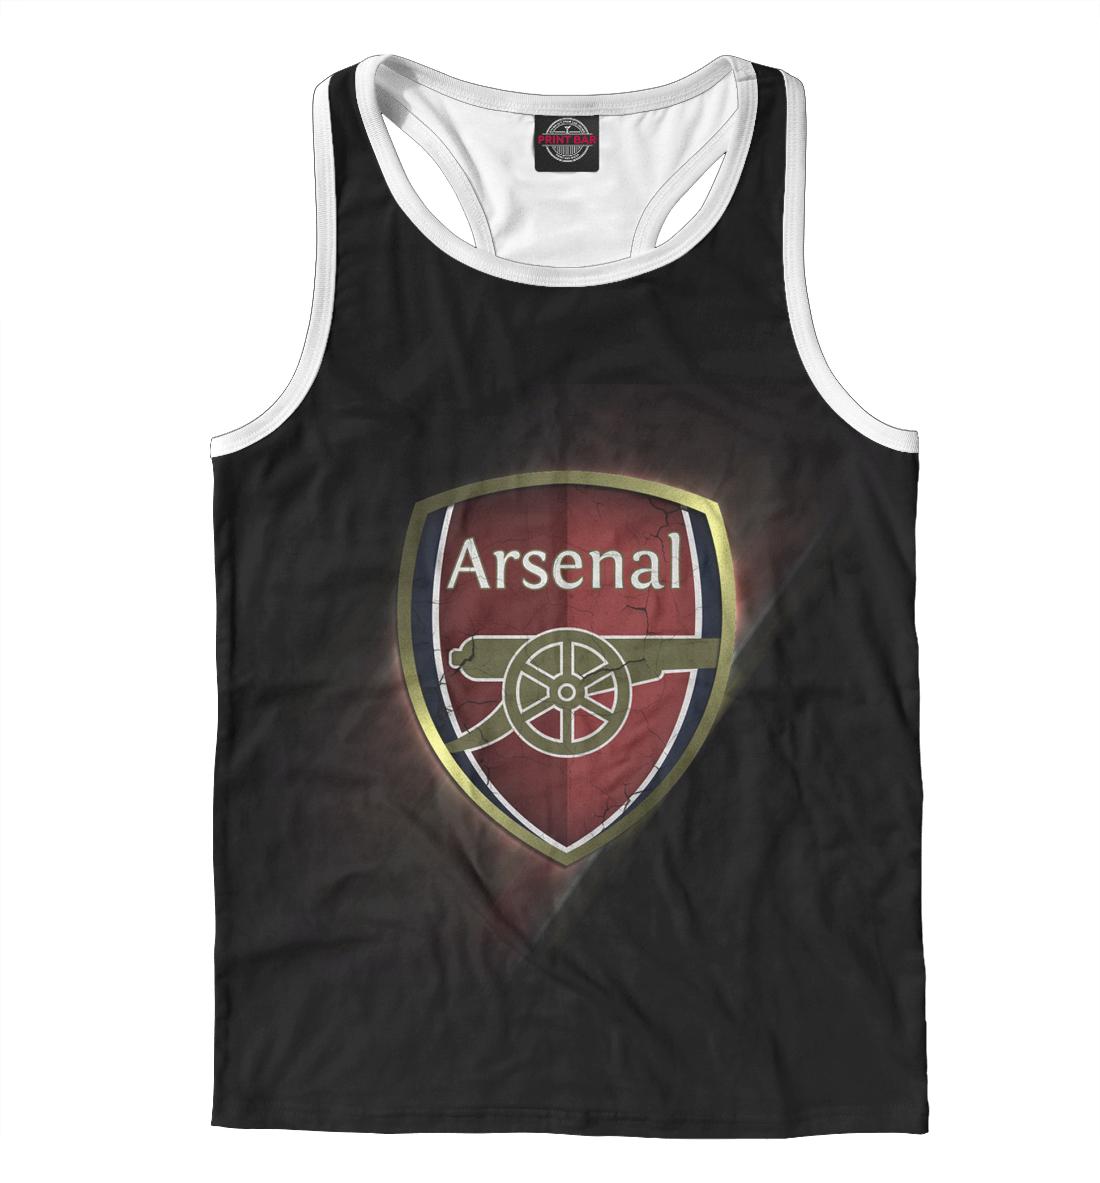 Купить FC Arsenal, Printbar, Майки борцовки, ARS-190387-mayb-2